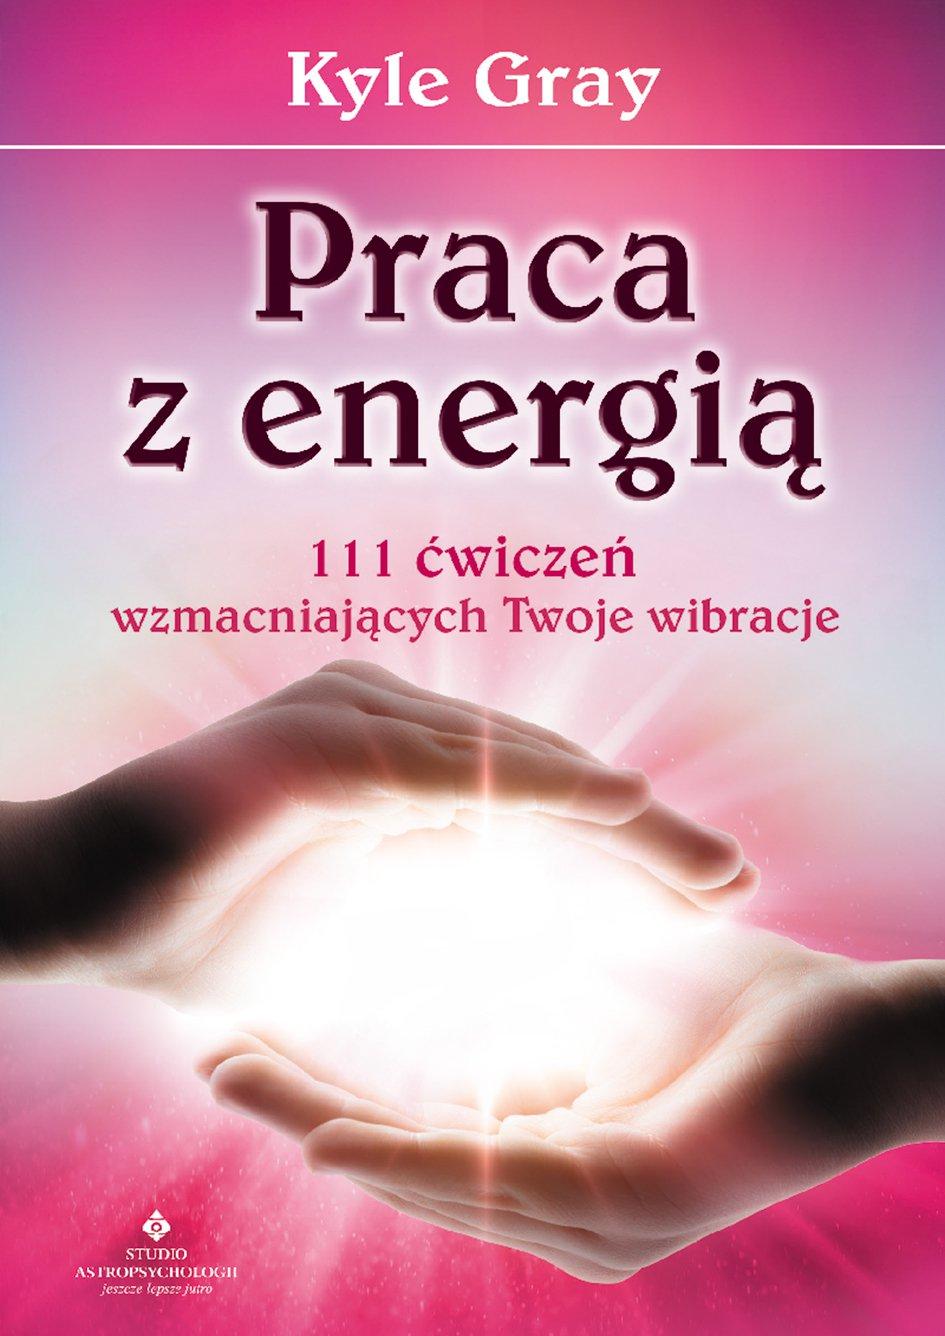 Praca z energią. 111 ćwiczeń wzmacniających Twoje wibracje - Ebook (Książka EPUB) do pobrania w formacie EPUB